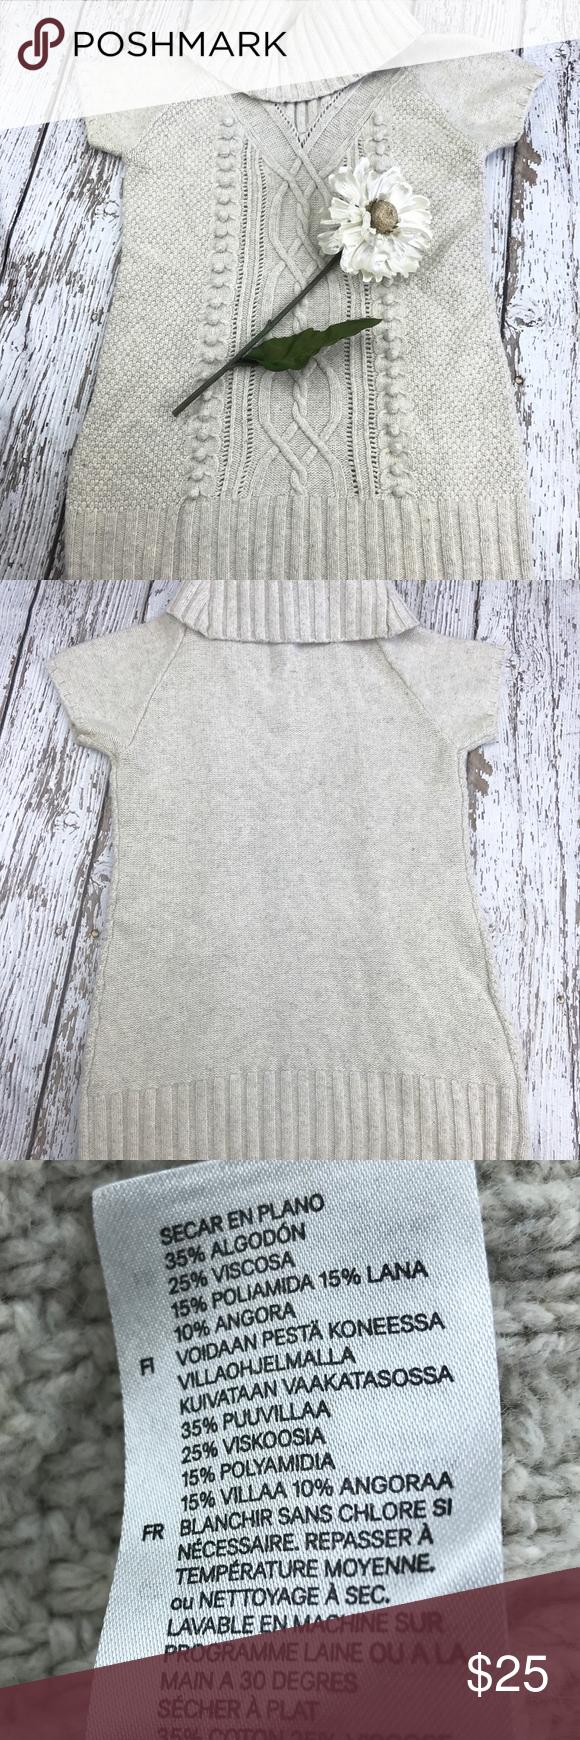 39047f7a7a3 SALE H M Cream Cowl Neck Sweater Dress Gorgeous H M Cream Cowl Neck Sweater  Dress 31